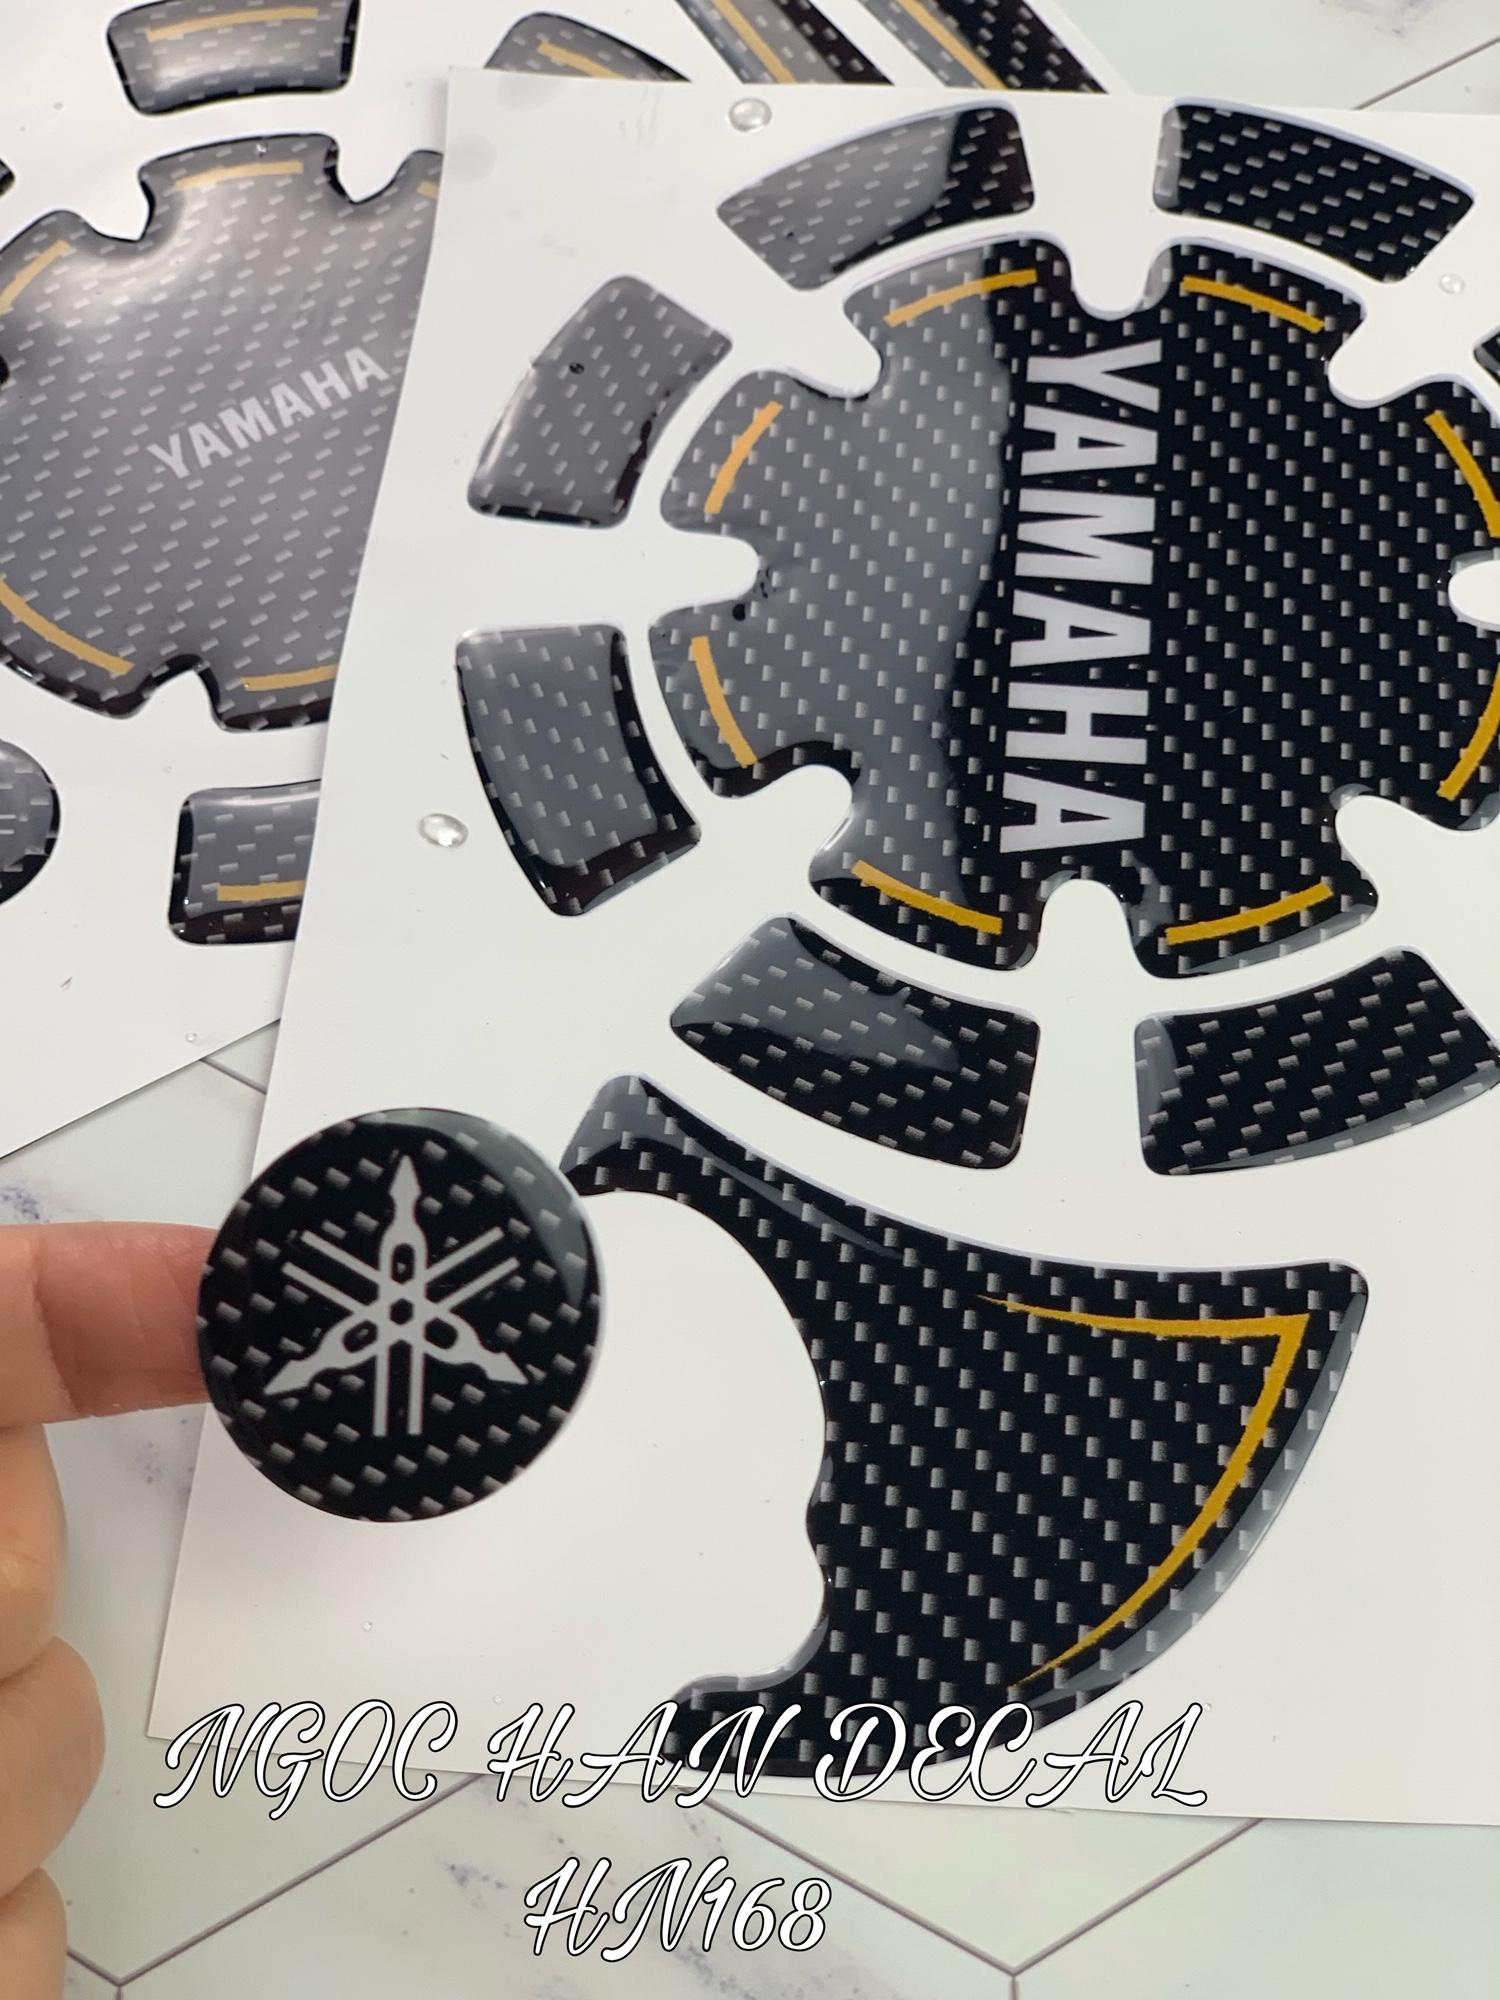 Bộ tem nổi dán lốc nồi Exciter 135 màu đen carbon viền vàng Nhật Bản